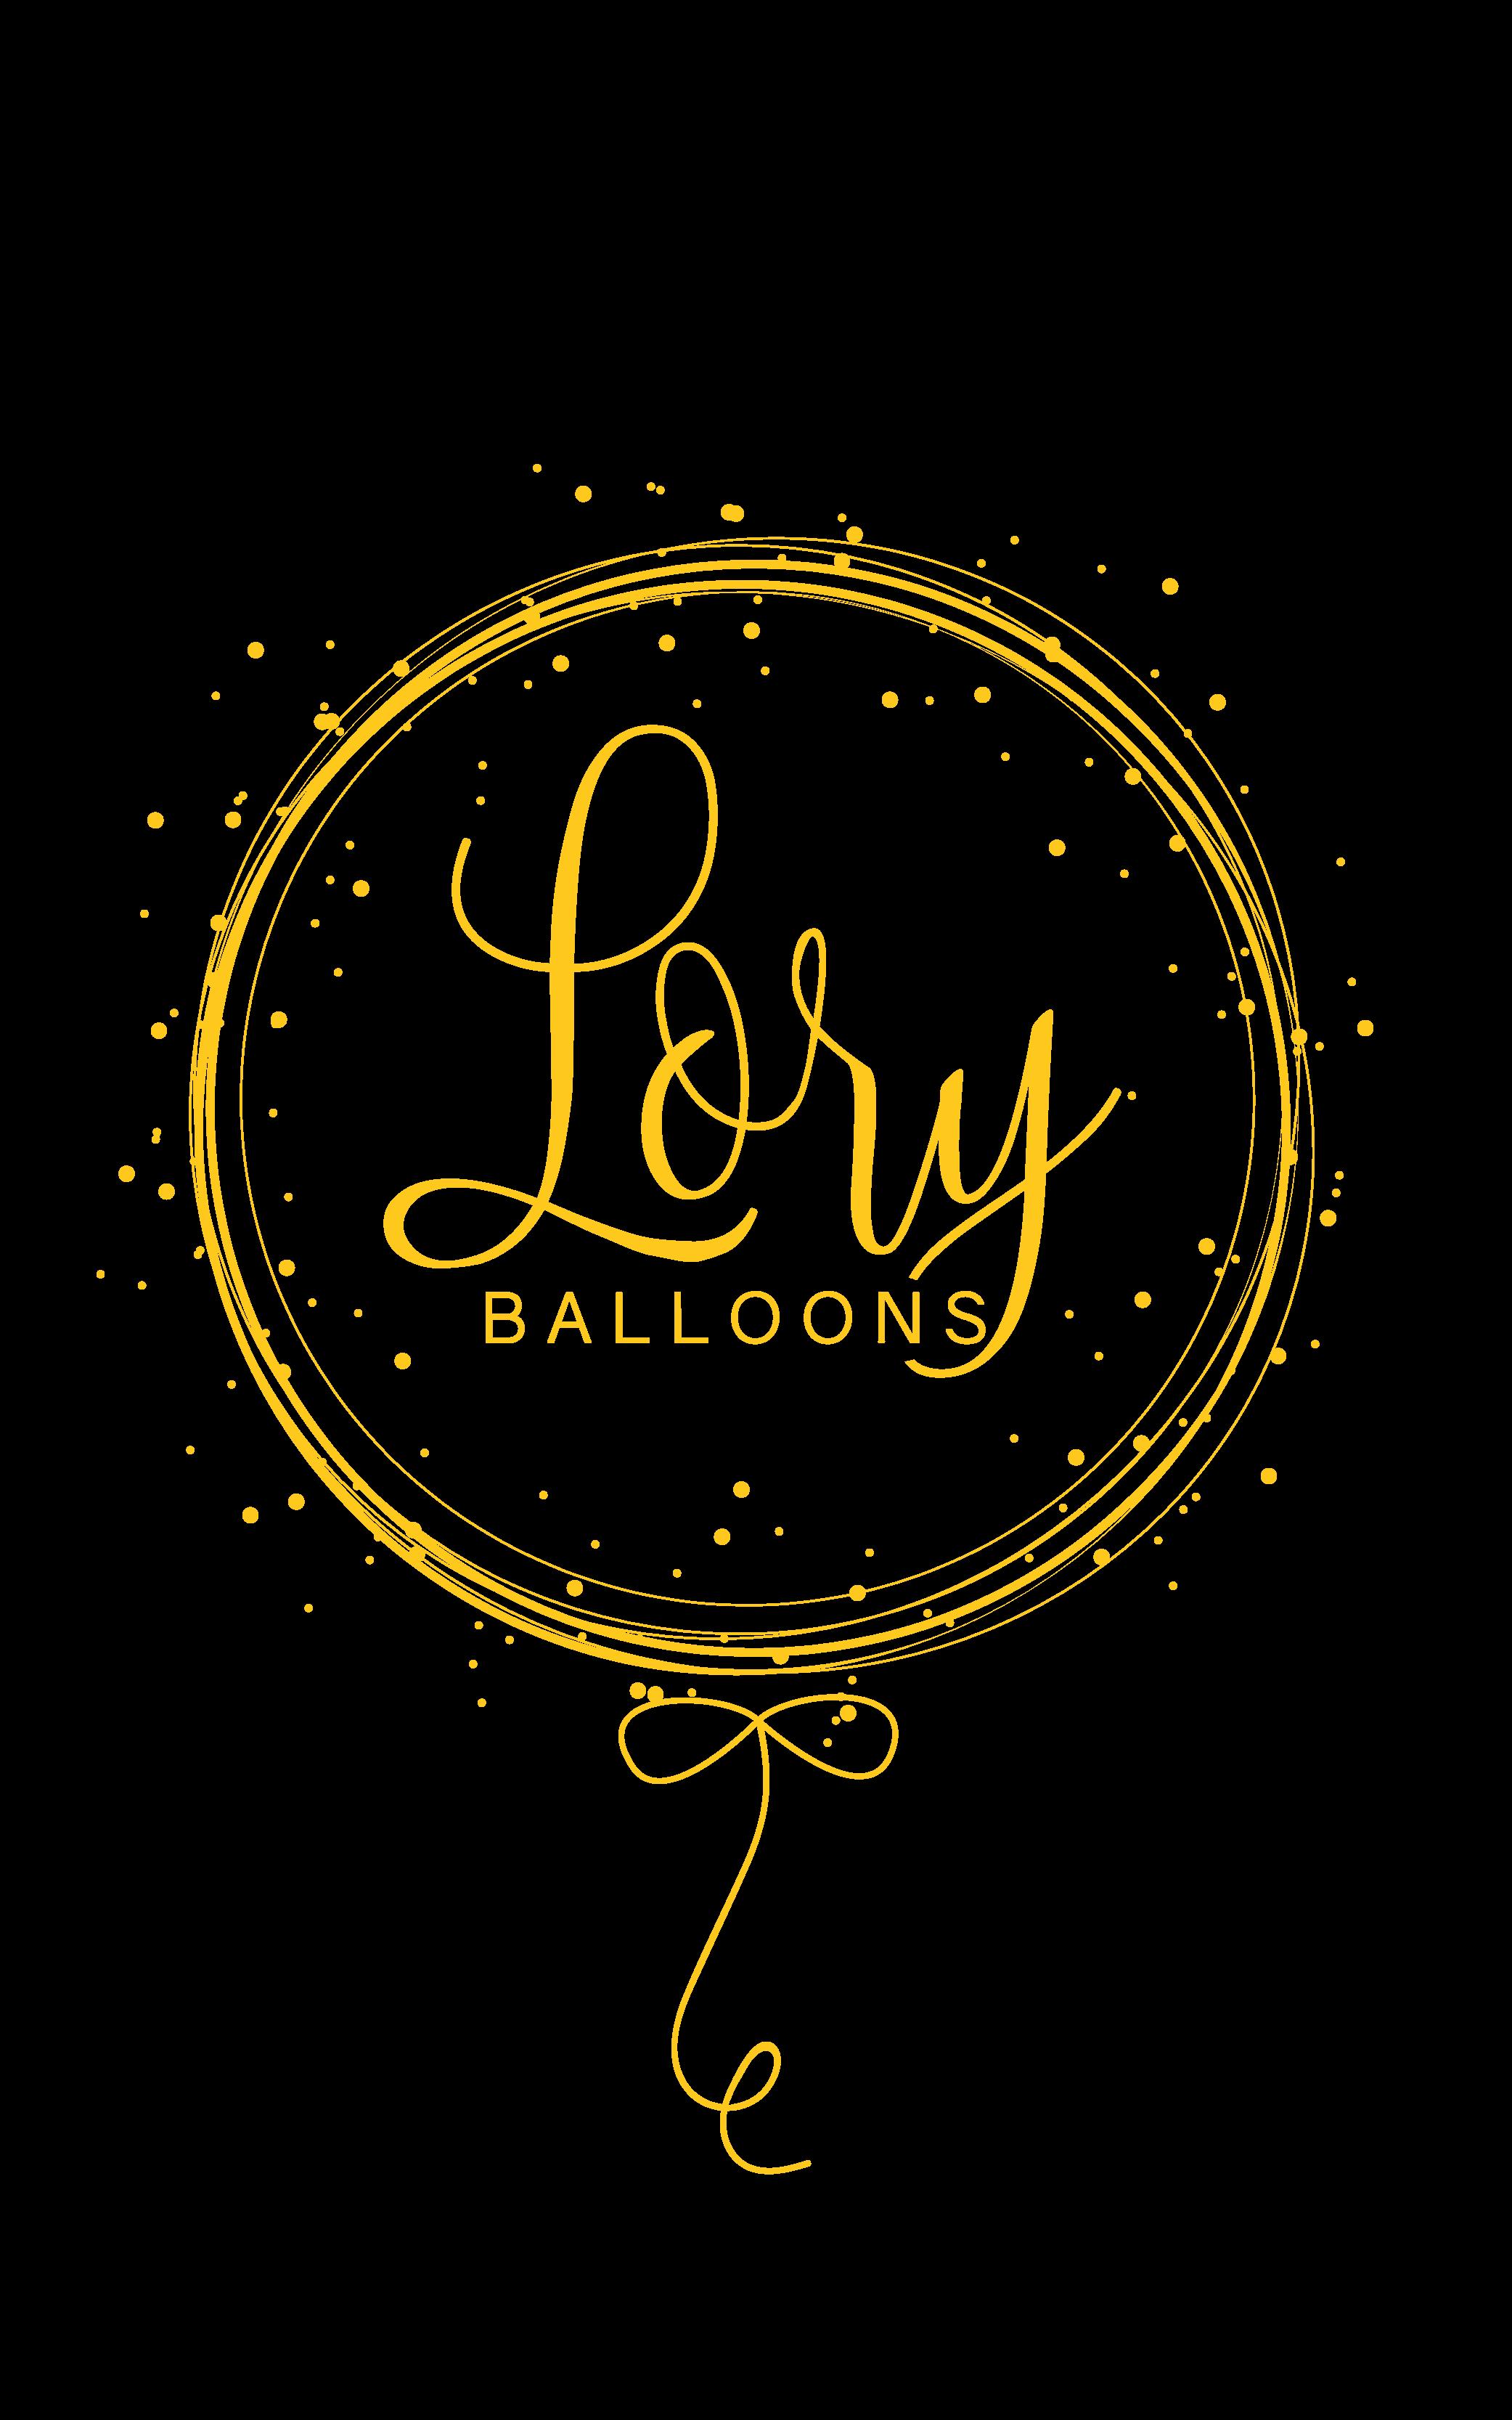 loryballoons.png